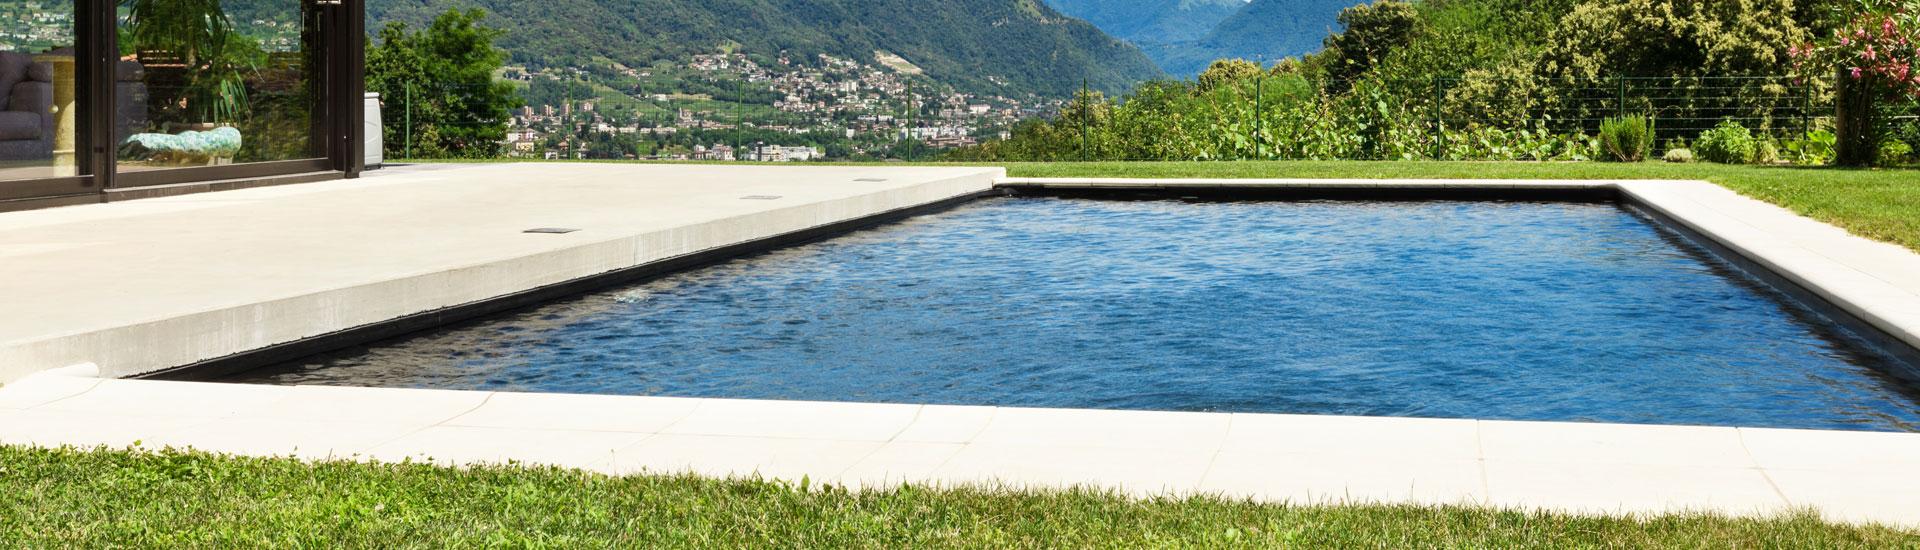 piscine pr fabriqu e en b ton budget pool simplement parfait